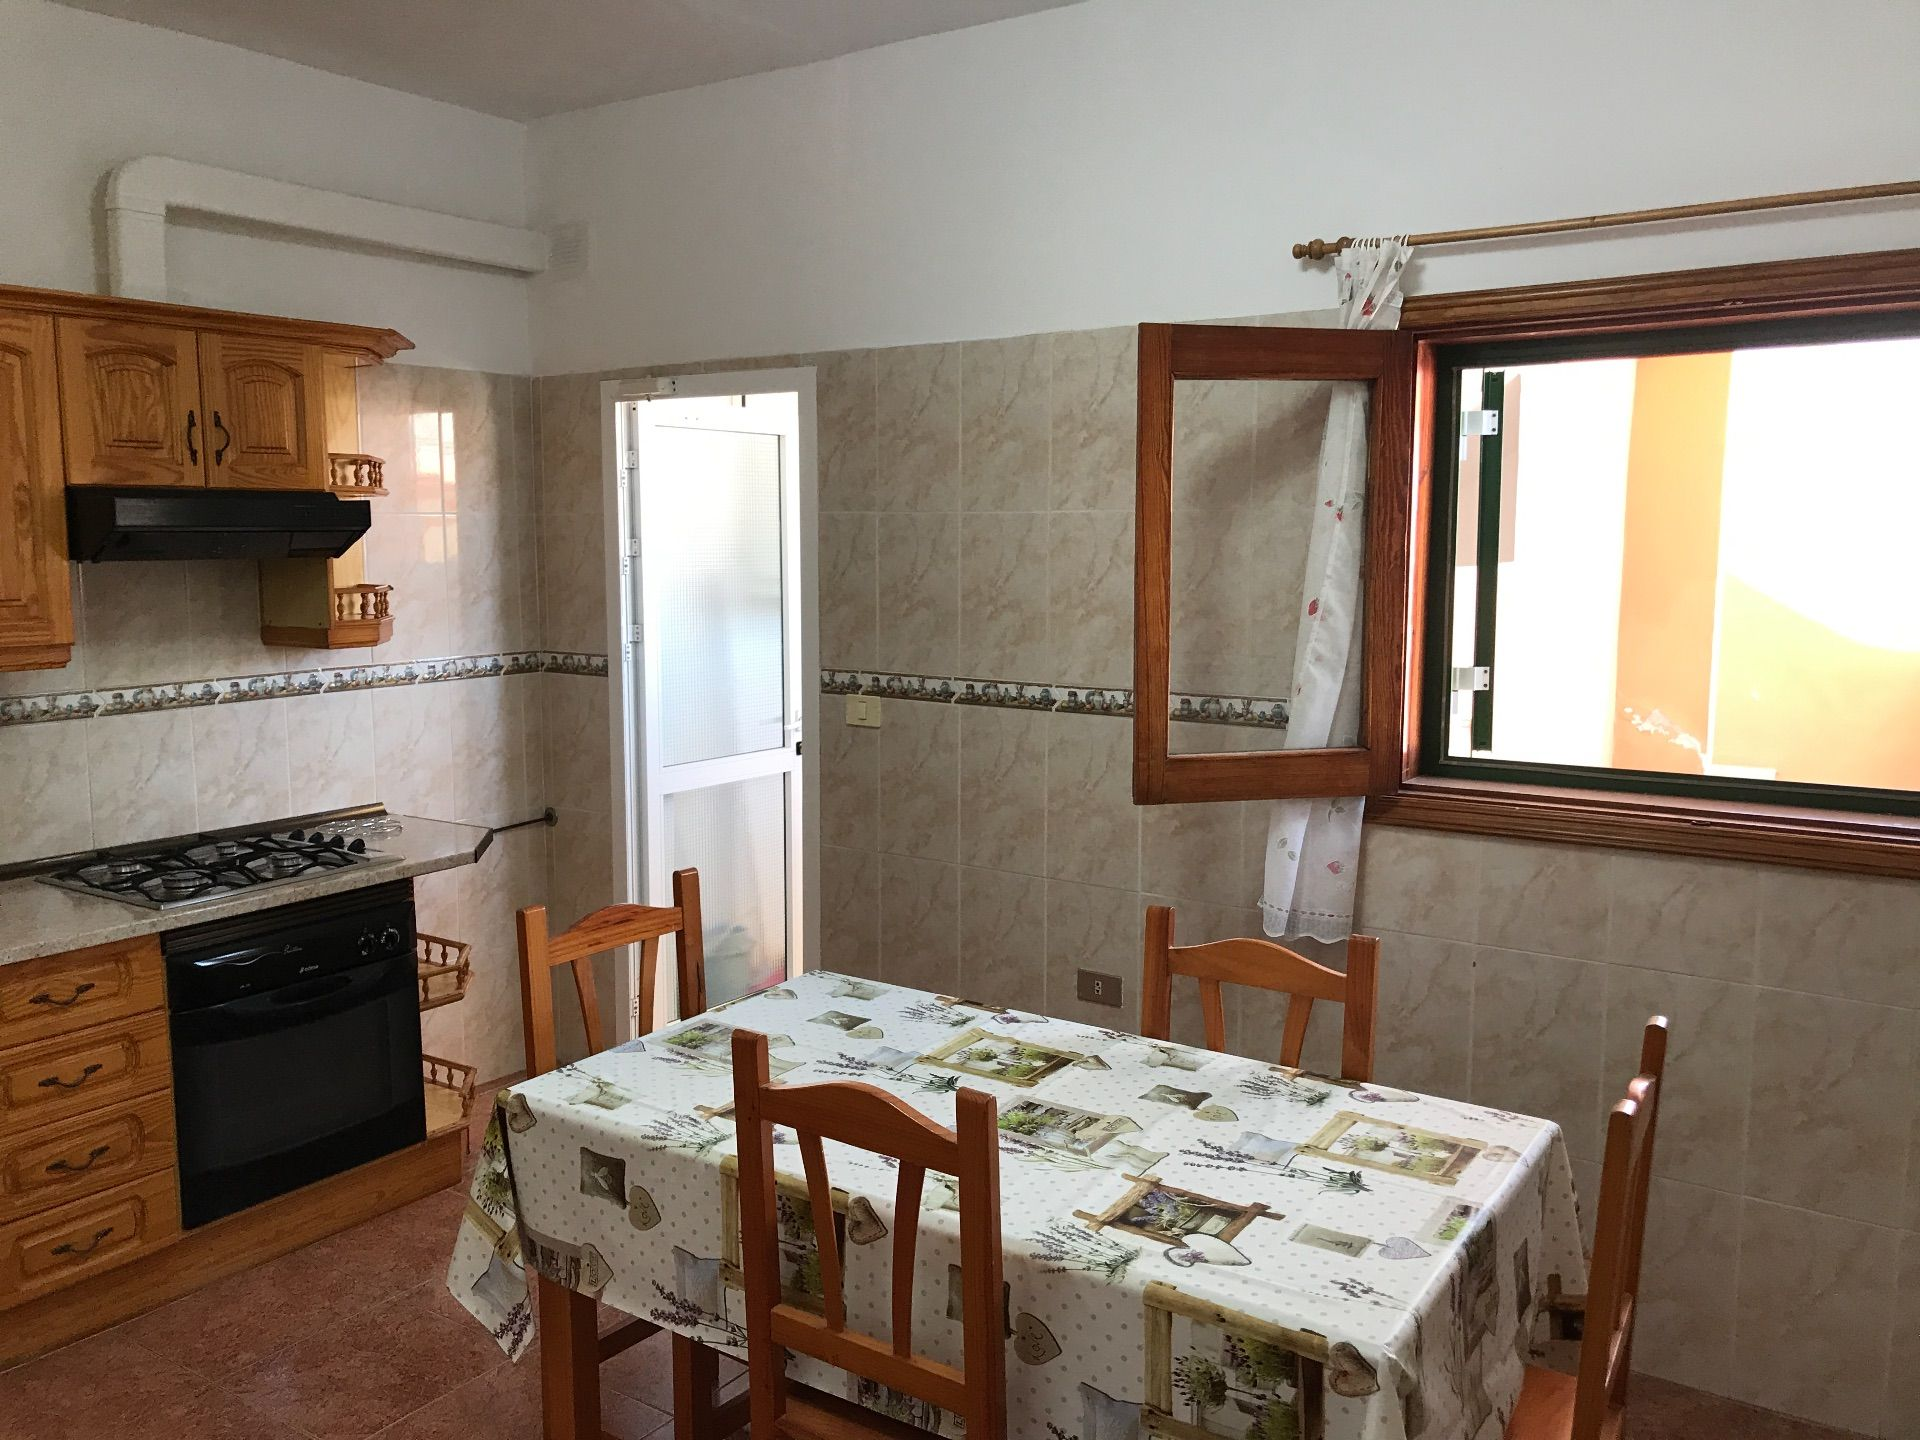 Apartamento en Granadilla de Abona, SAN ISIDRO, alquiler